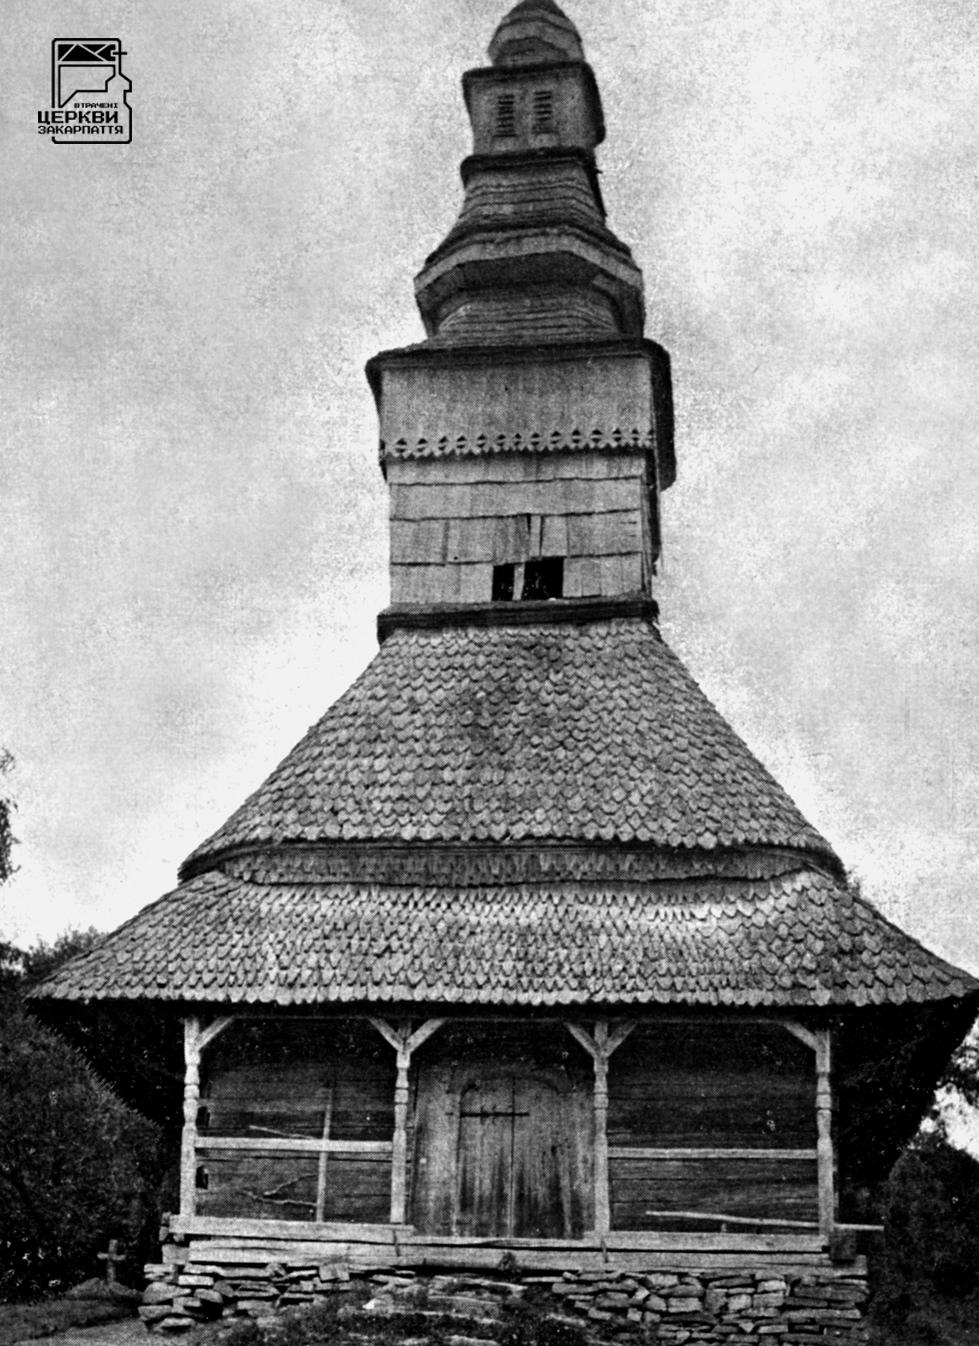 Греко-католицька церква Благовіщення Пресвятої Богородиці, МАЛА МАРТИНКА, село